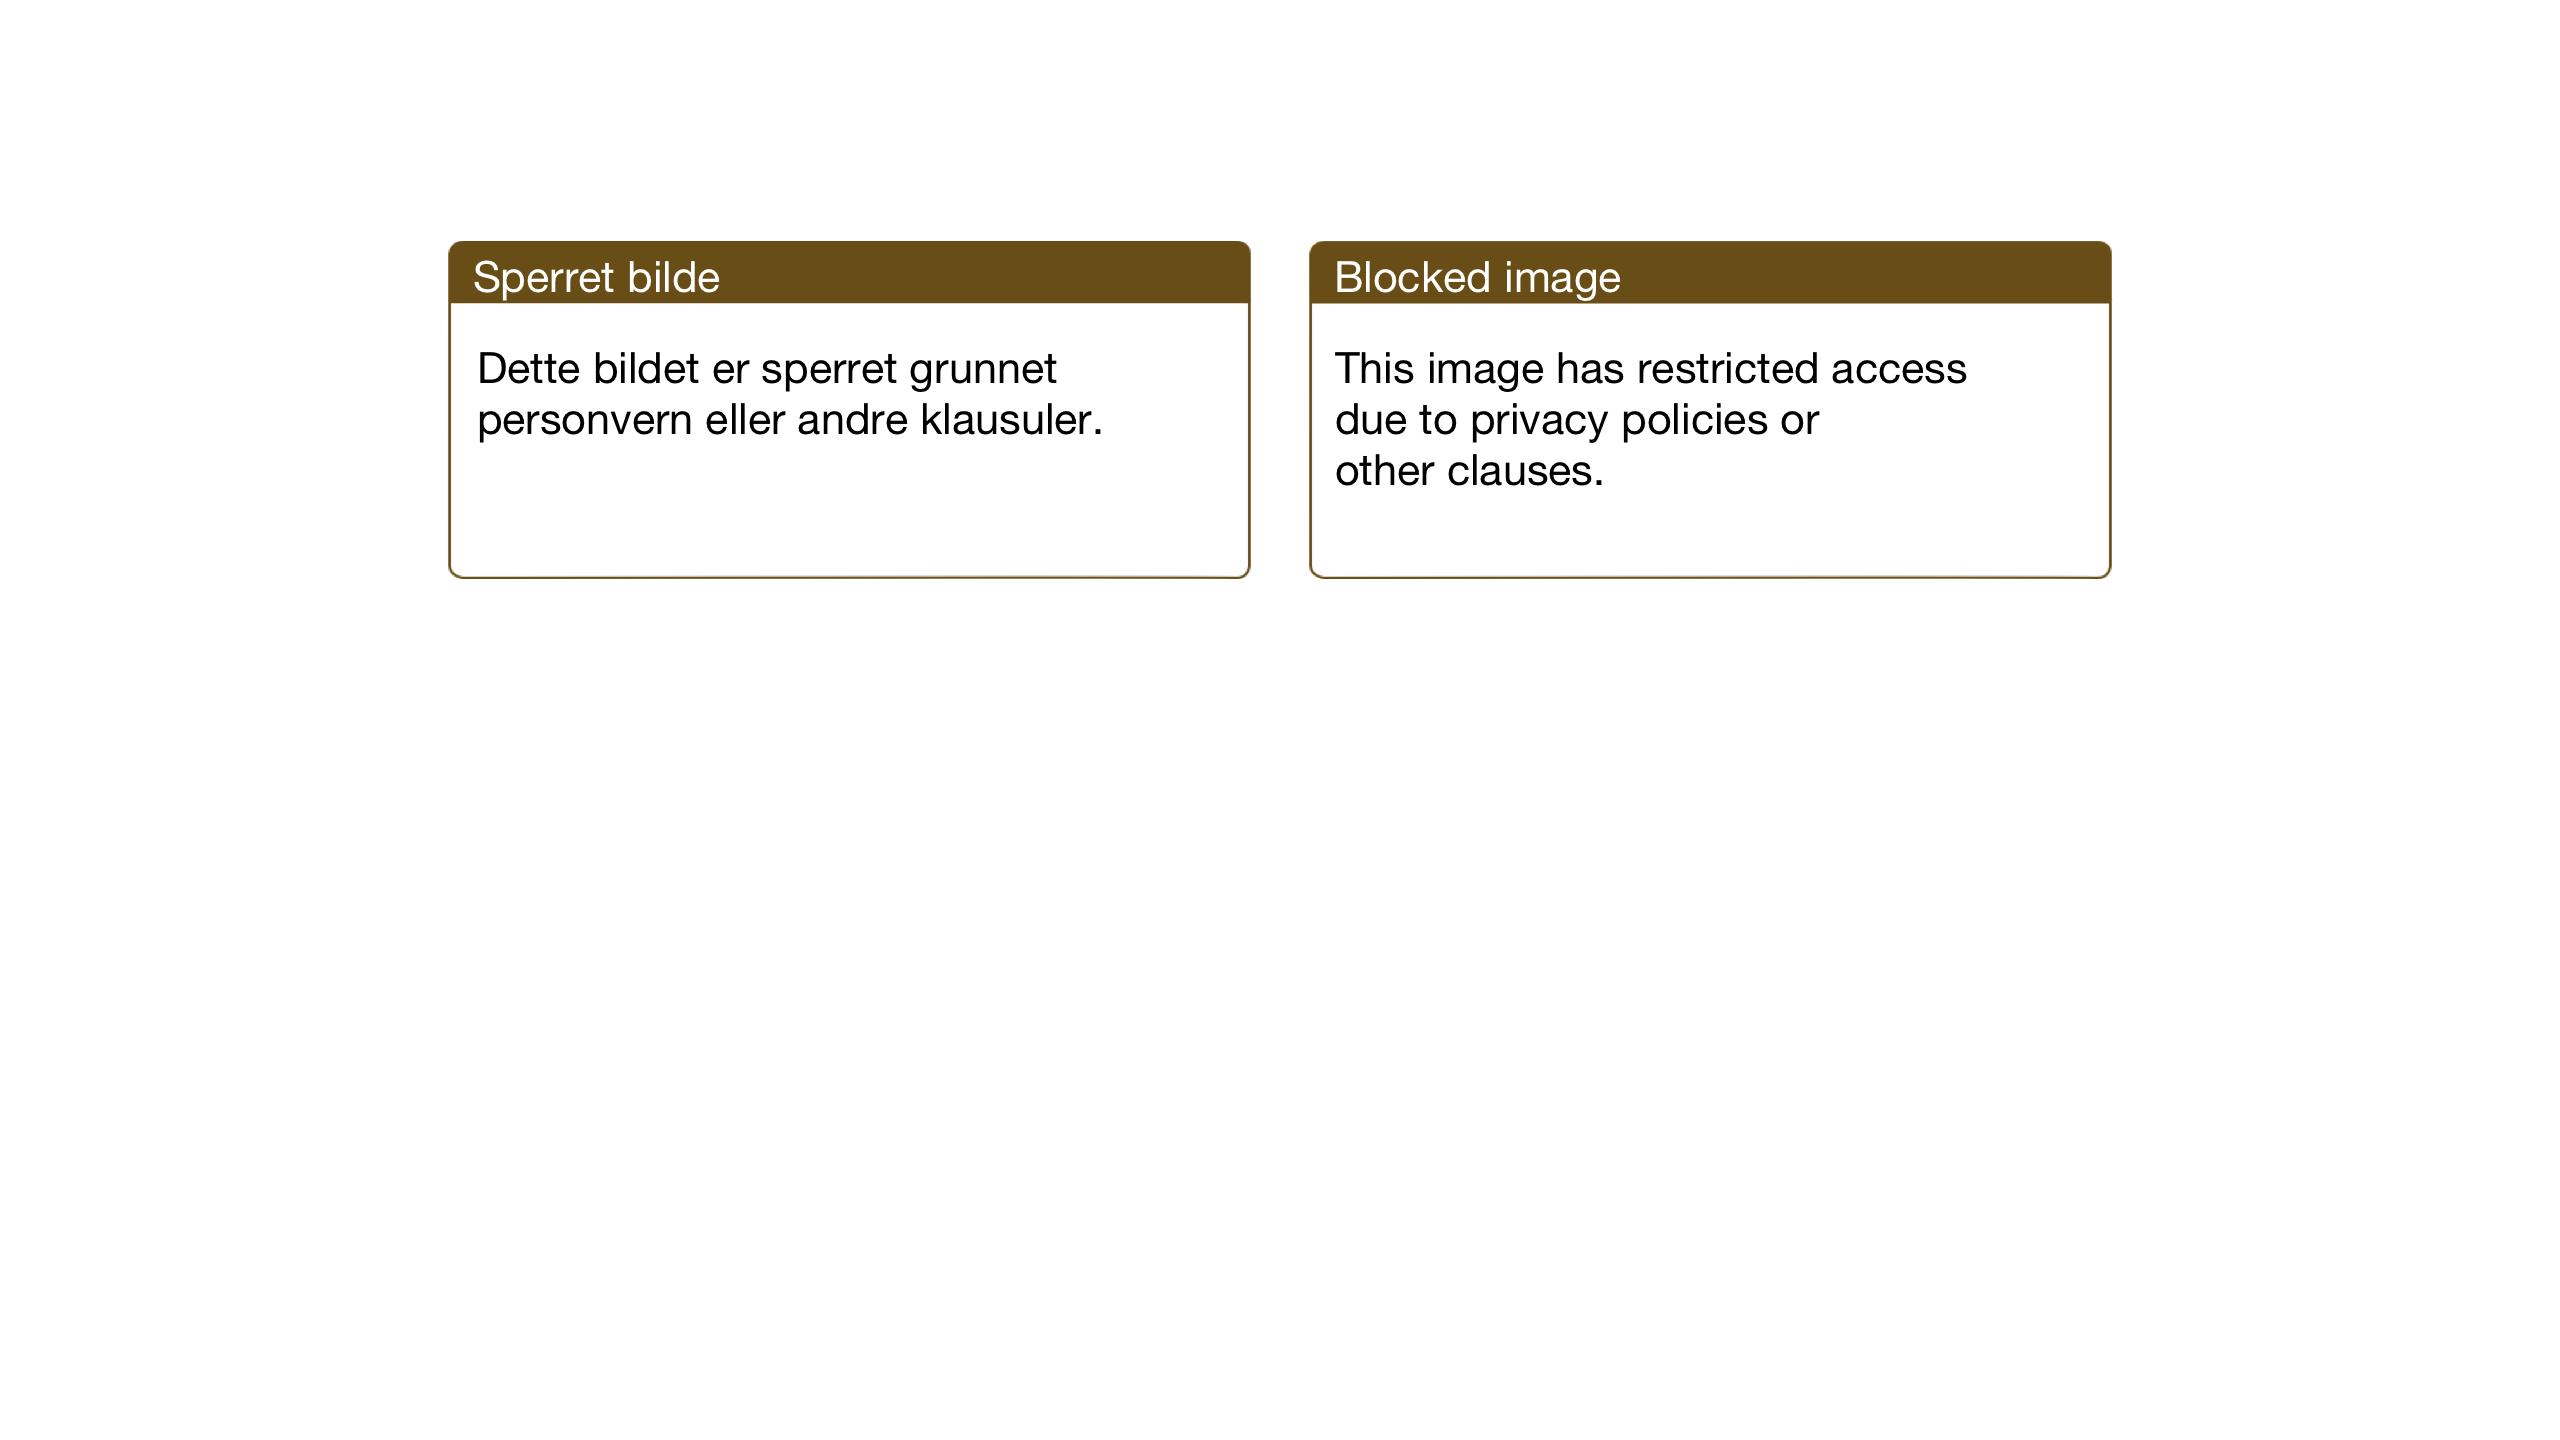 SAT, Ministerialprotokoller, klokkerbøker og fødselsregistre - Sør-Trøndelag, 667/L0799: Klokkerbok nr. 667C04, 1929-1950, s. 46